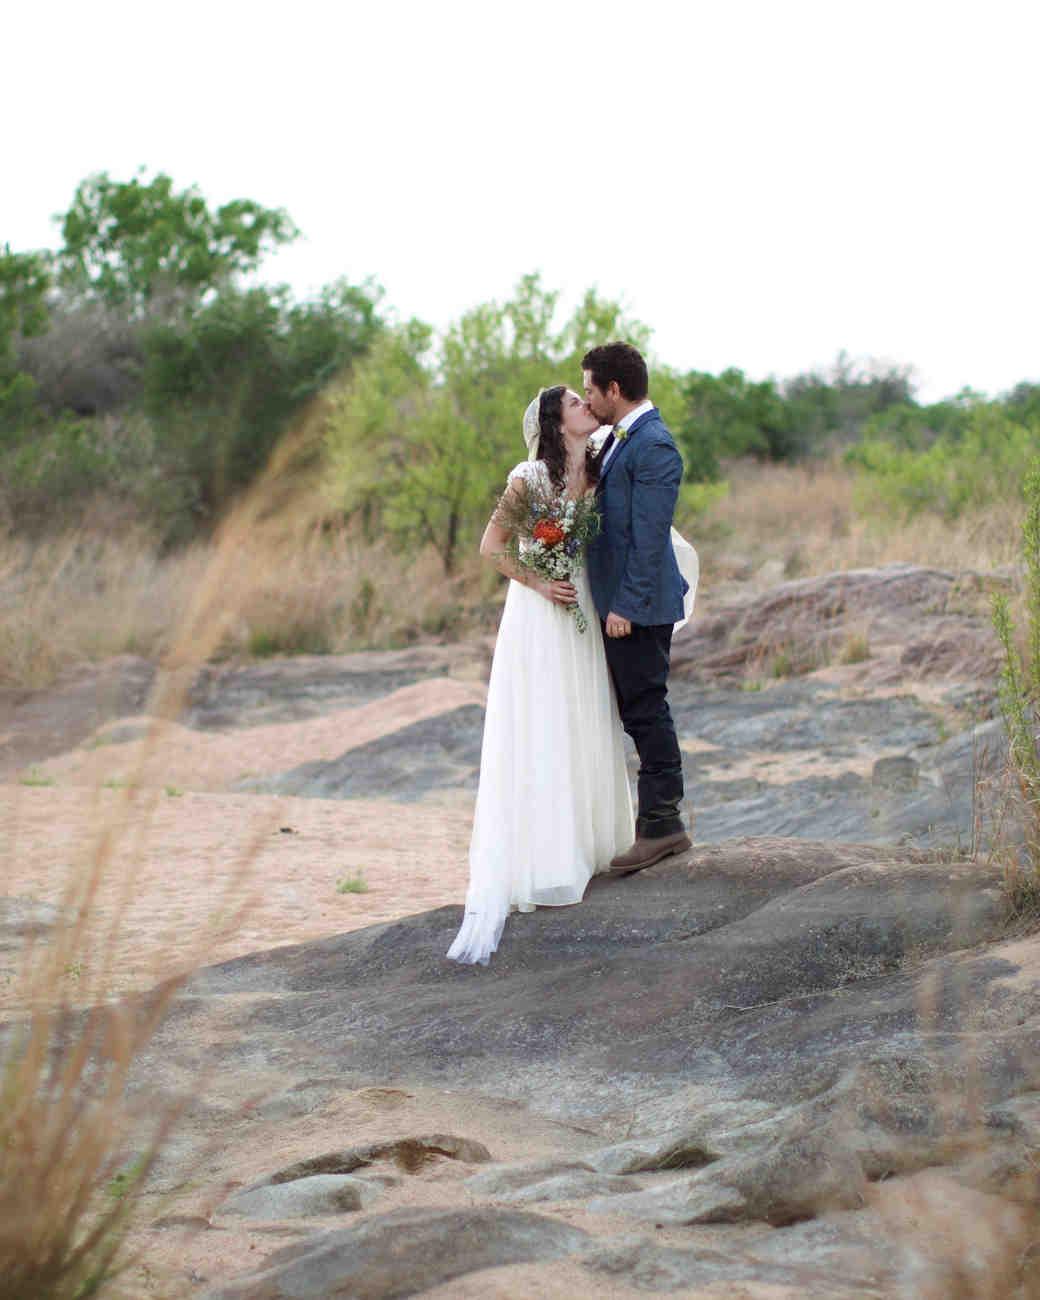 rw-ellie-shawn-bride-groom-2-110423.jpg